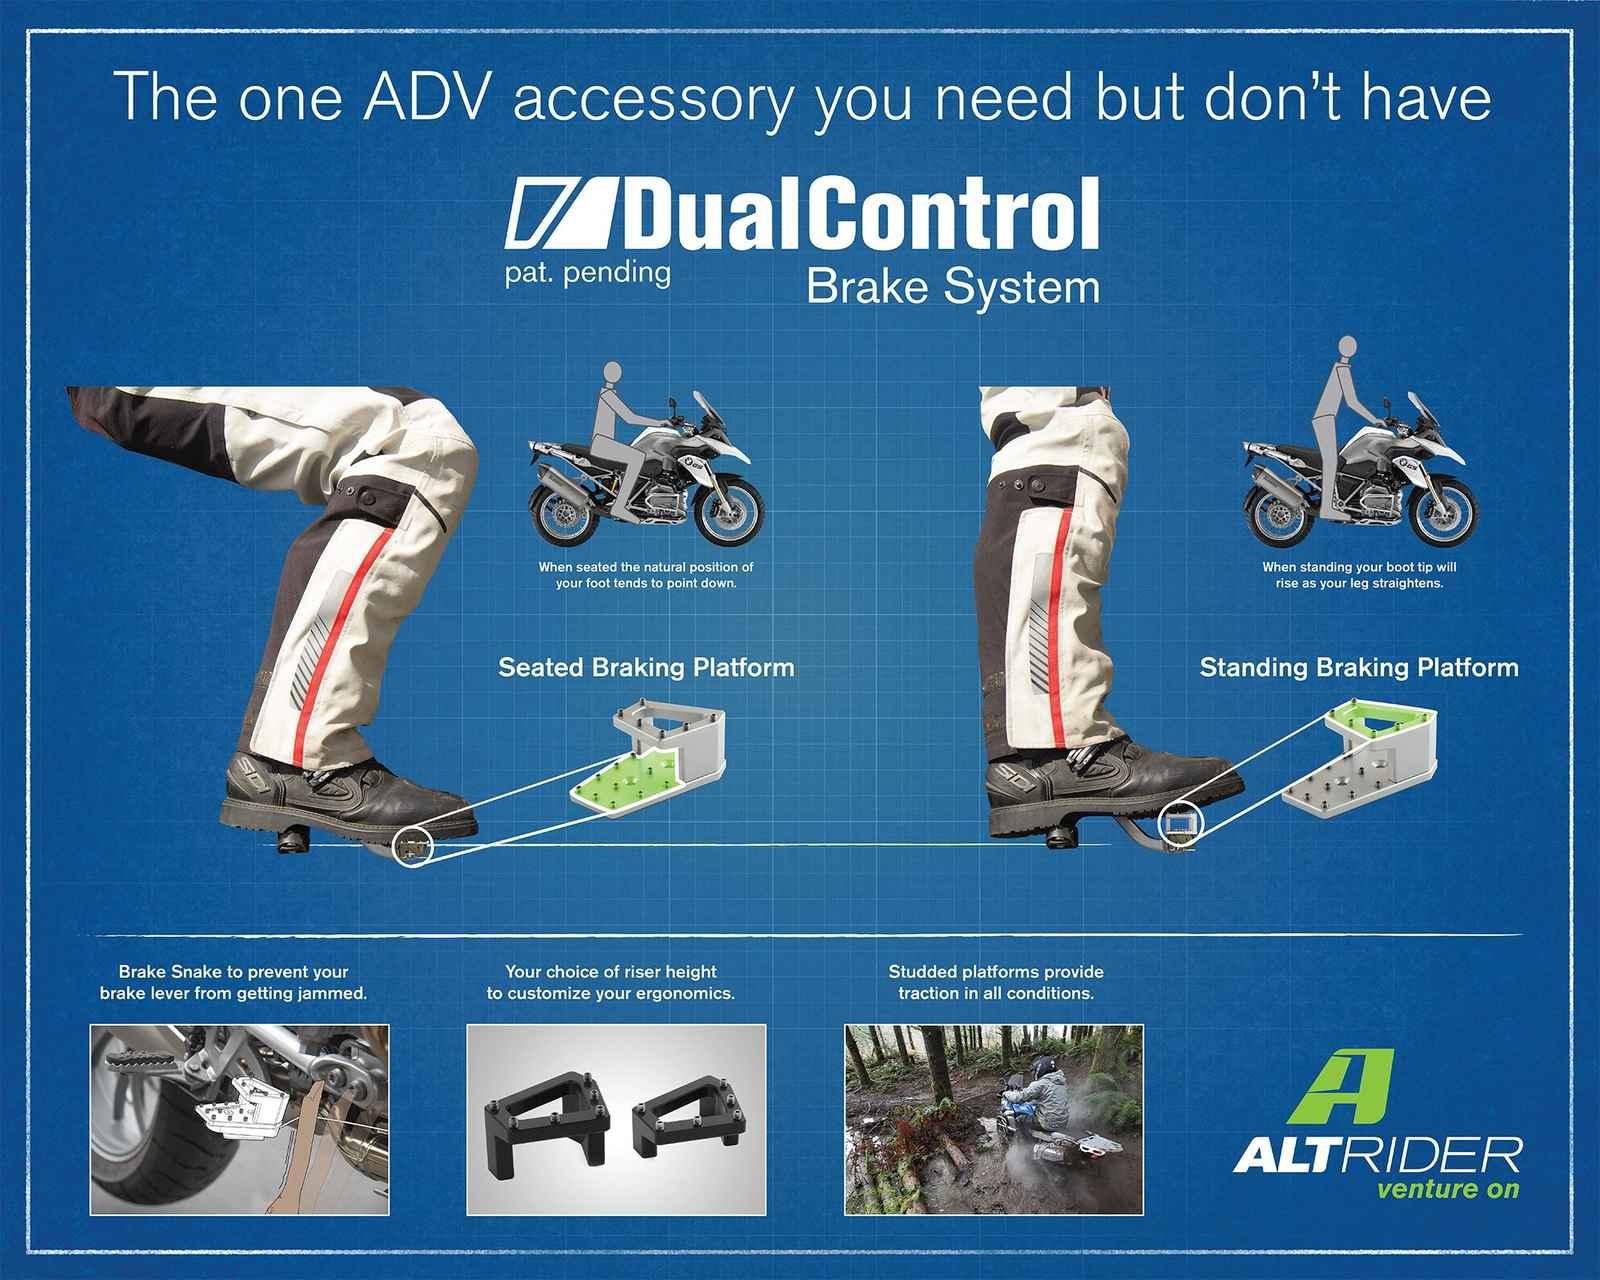 Extensión del pedal de freno DualControl de AltRider